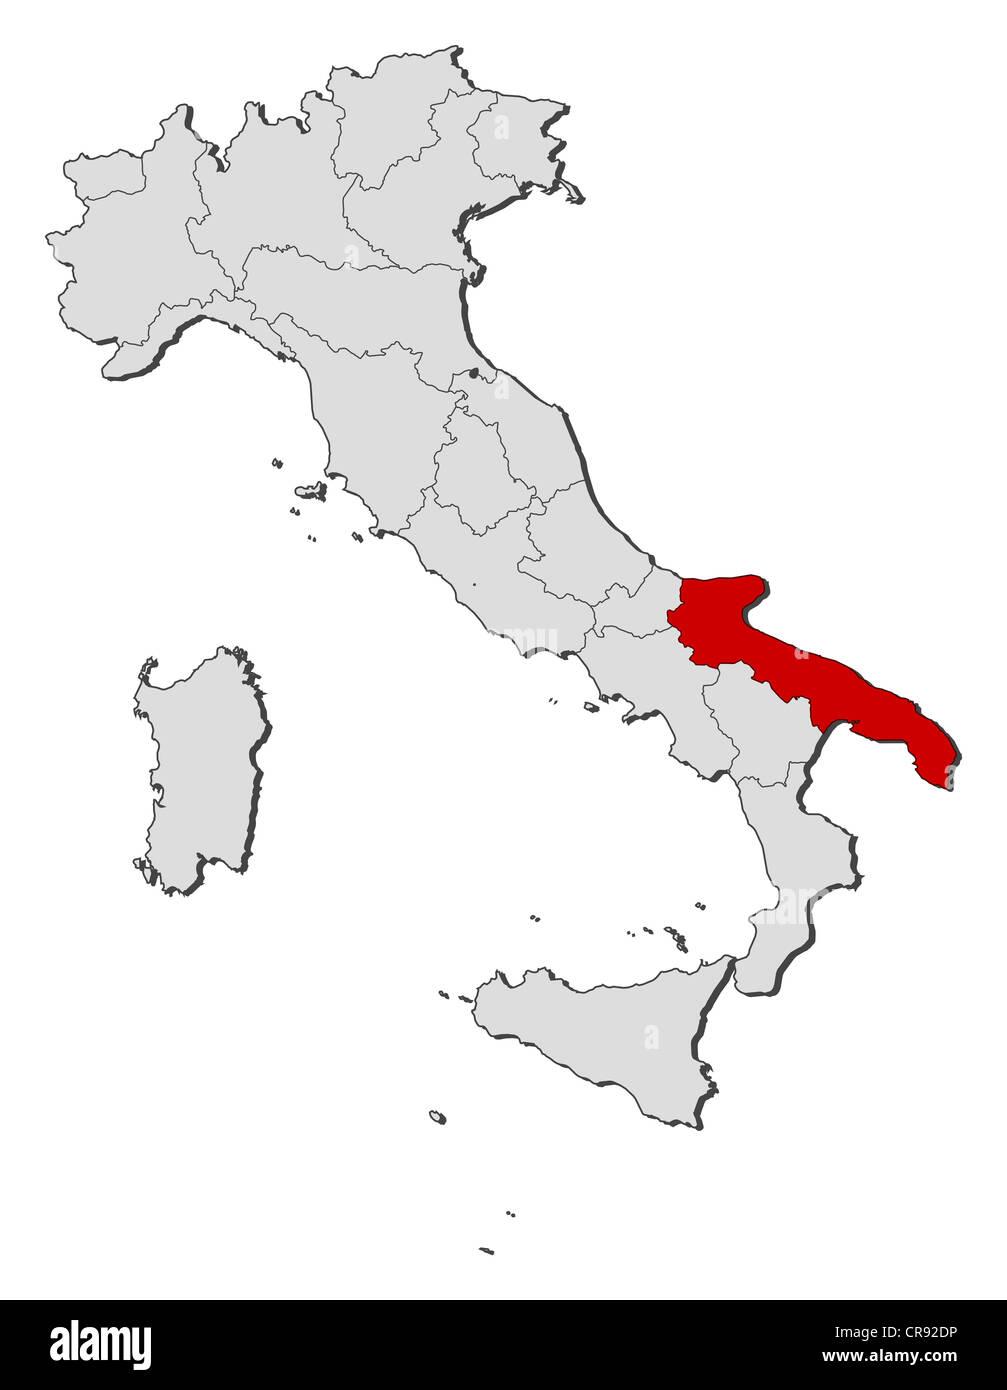 Apulien Karte Italien.Politische Karte Von Italien Mit Den Verschiedenen Regionen Wo